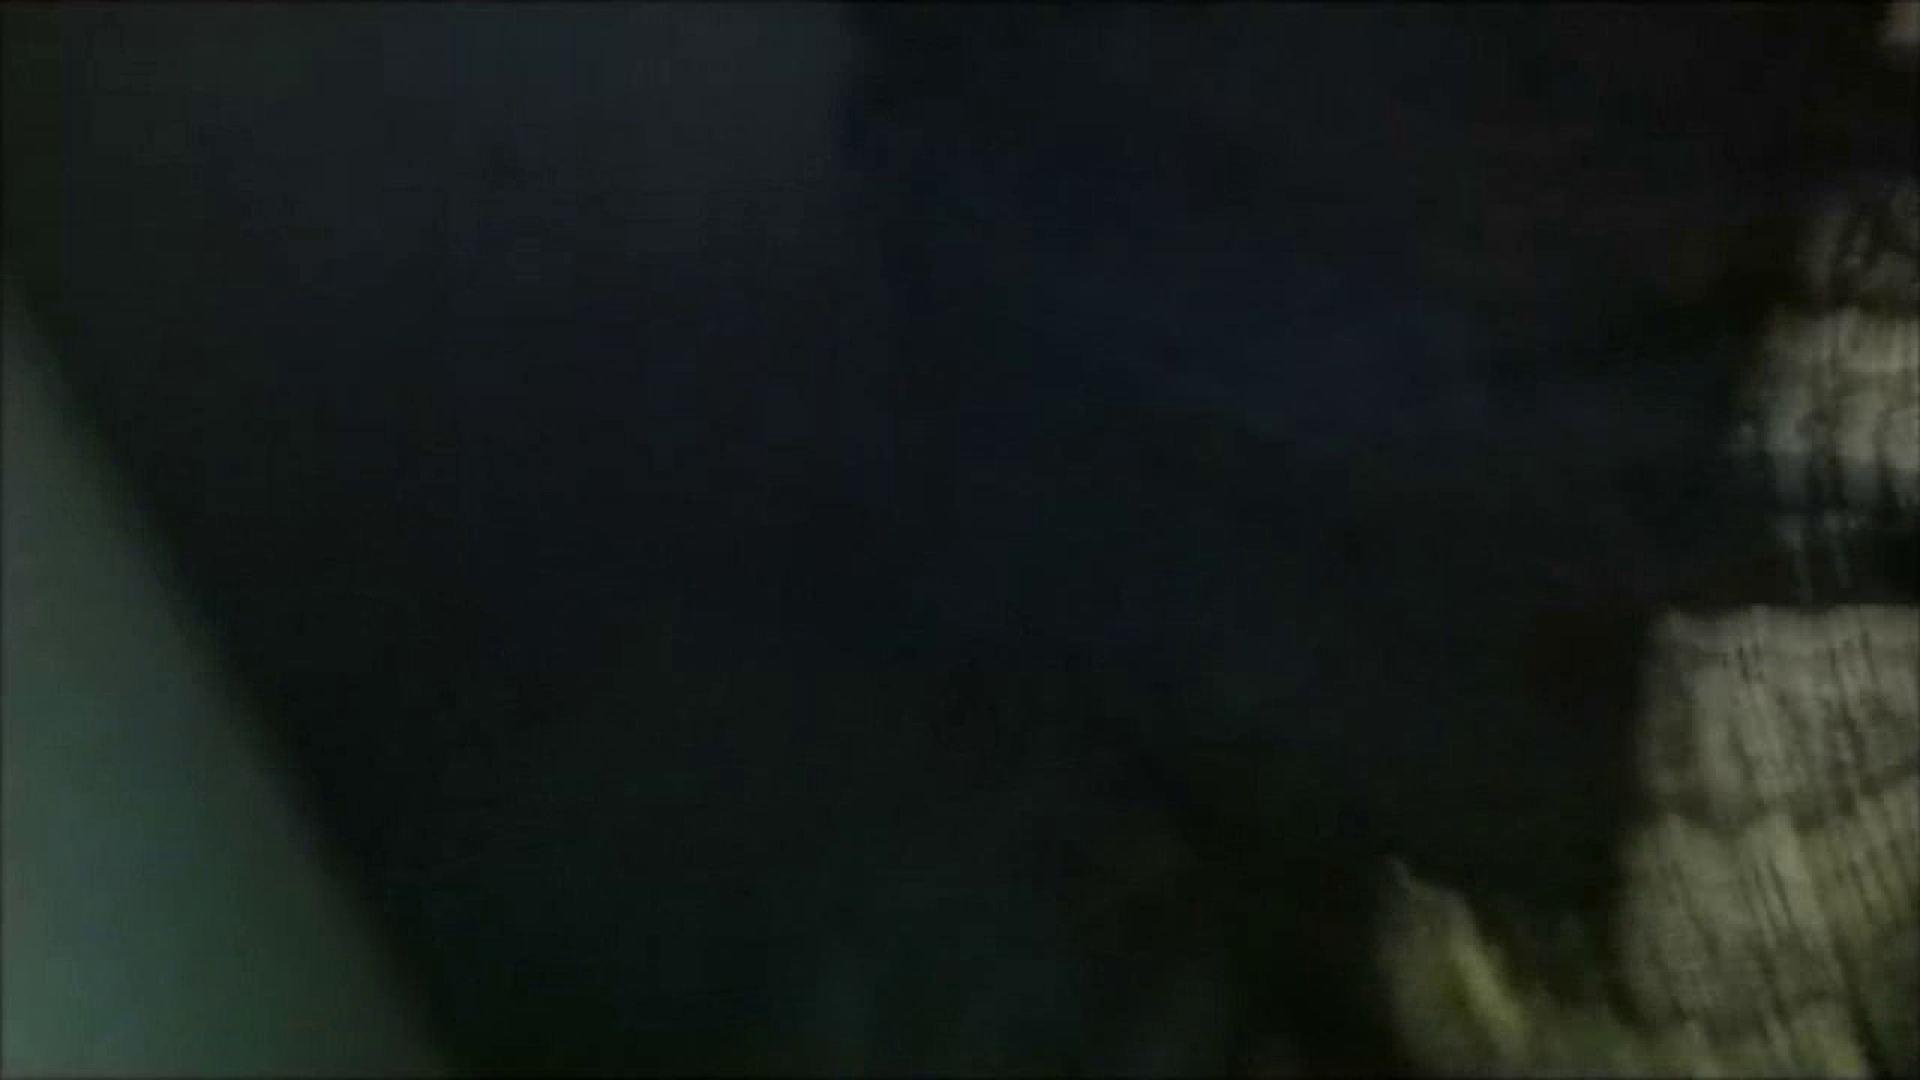 vol.5 【Nちゃん】某百貨店化粧品コーナー店員21歳 恋愛には至らず ギャルの実態 盗み撮りオマンコ動画キャプチャ 49pic 39